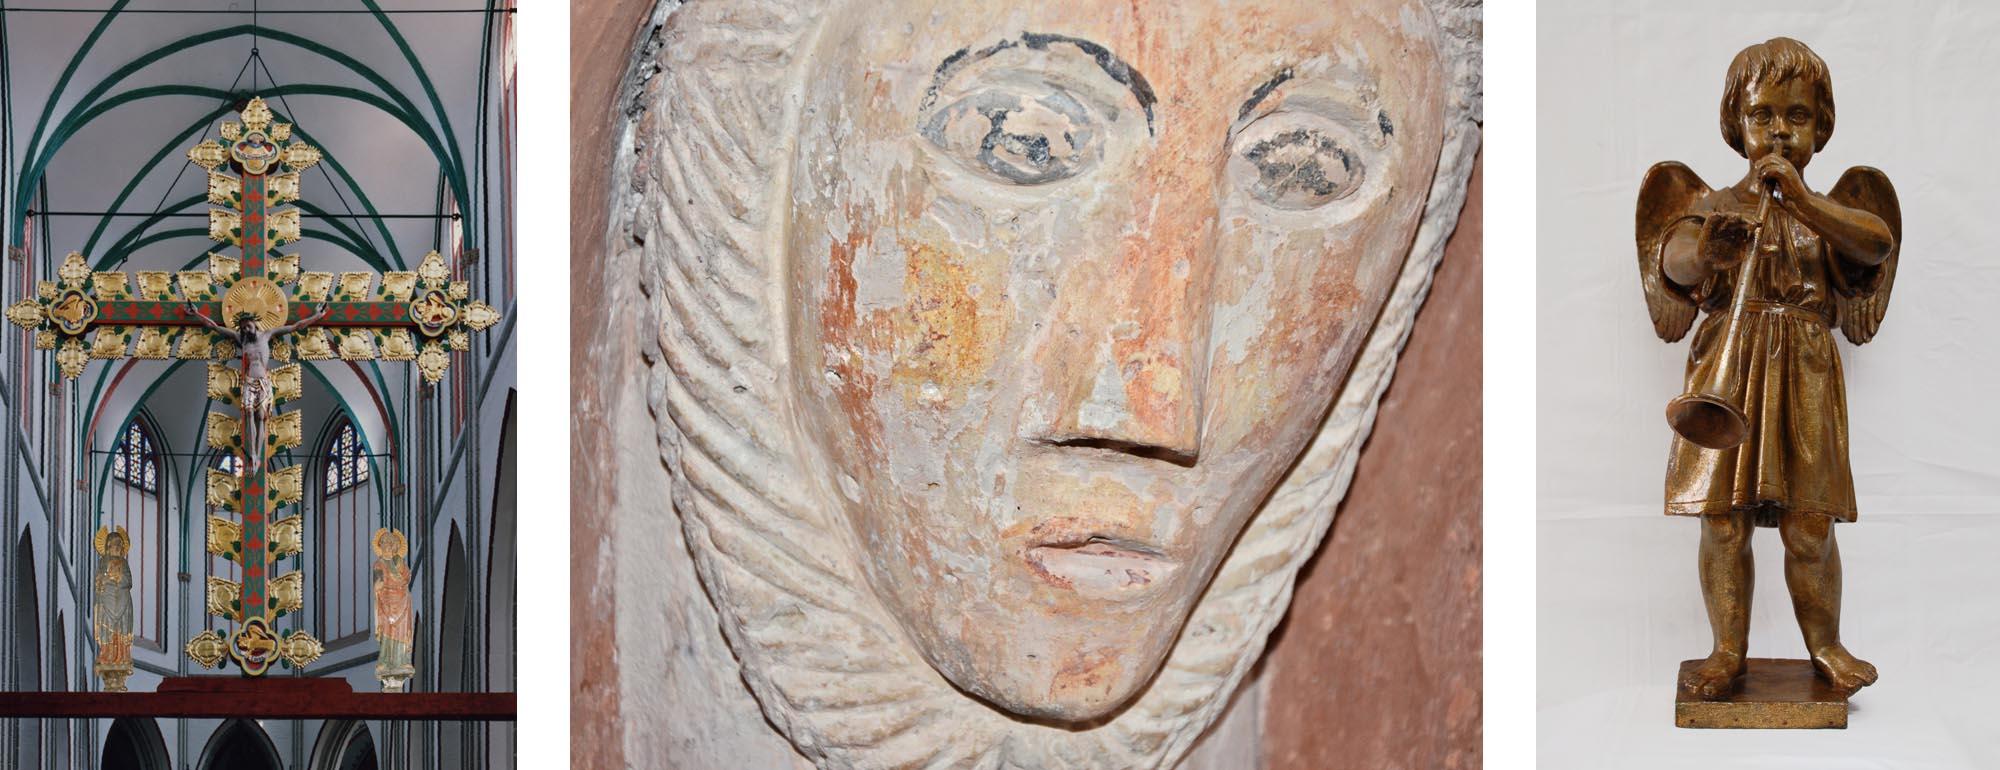 Restaurierung von Plastiken und Skulpturen. Links: Triumphkreuzgruppe im Dom zu Schwerin. Mitte: Romanischer Kapitellkopf, Stadtkirche Gadebusch. Rechts: Pappmaché-Figur, Kirche Groß Trebbow.